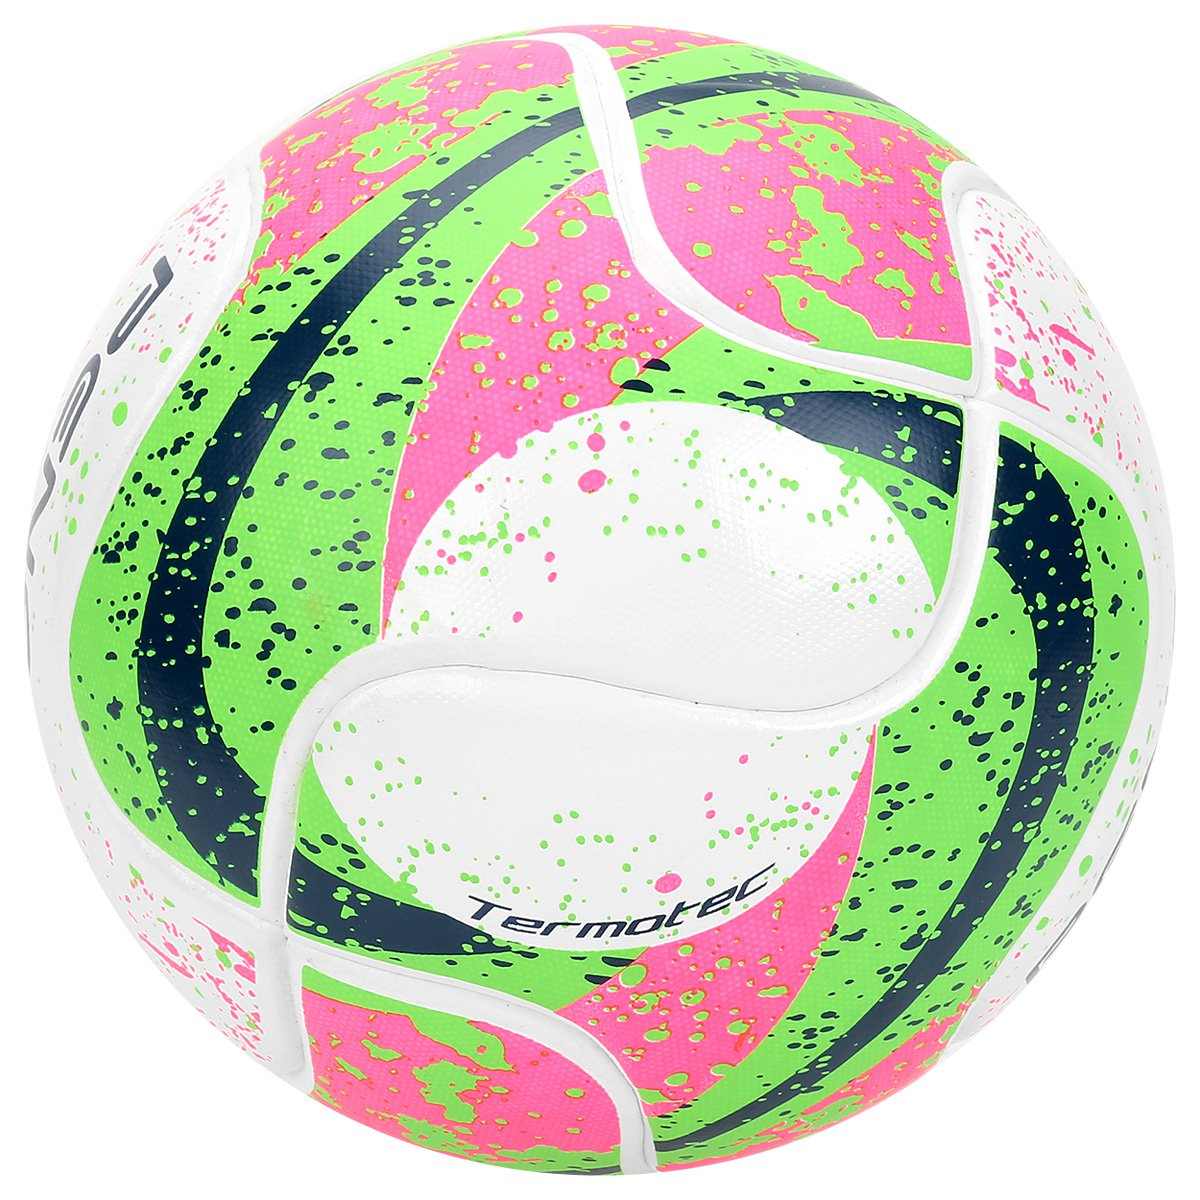 7edc836e9c Bola Futsal Penalty Max 100 Termotec 7 CBFS - Compre Agora